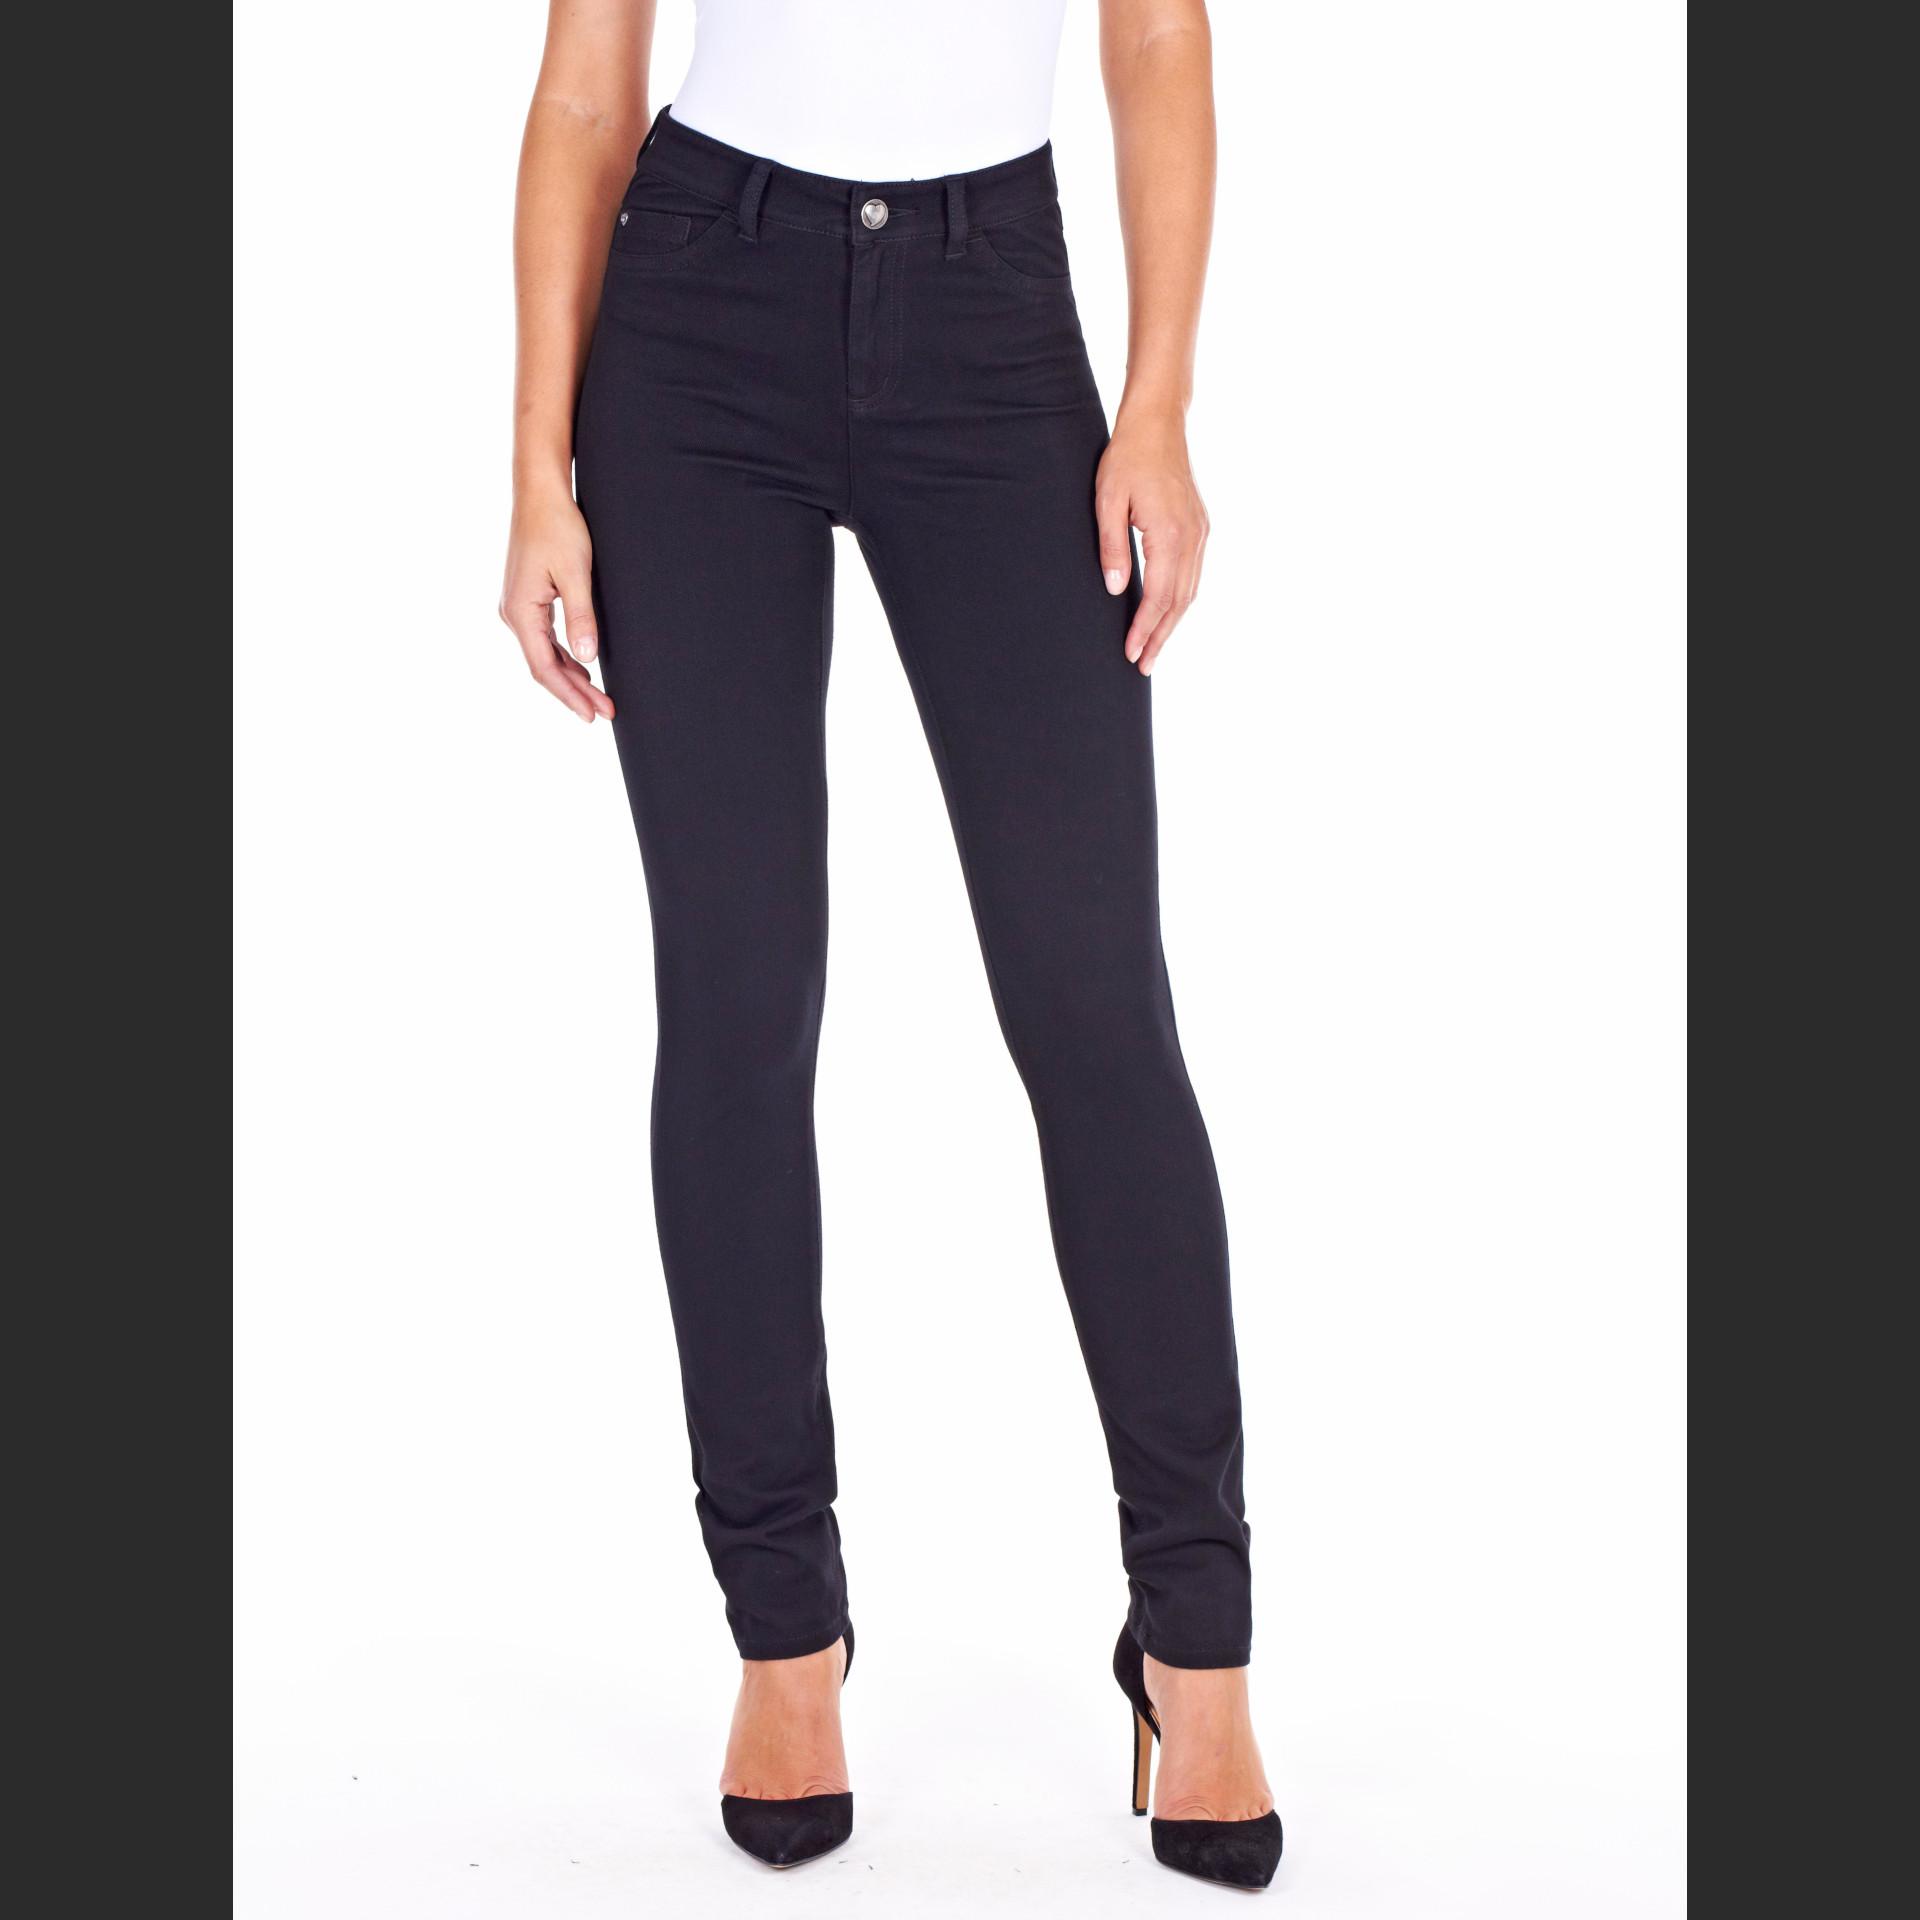 Olivia Slim Leg Black